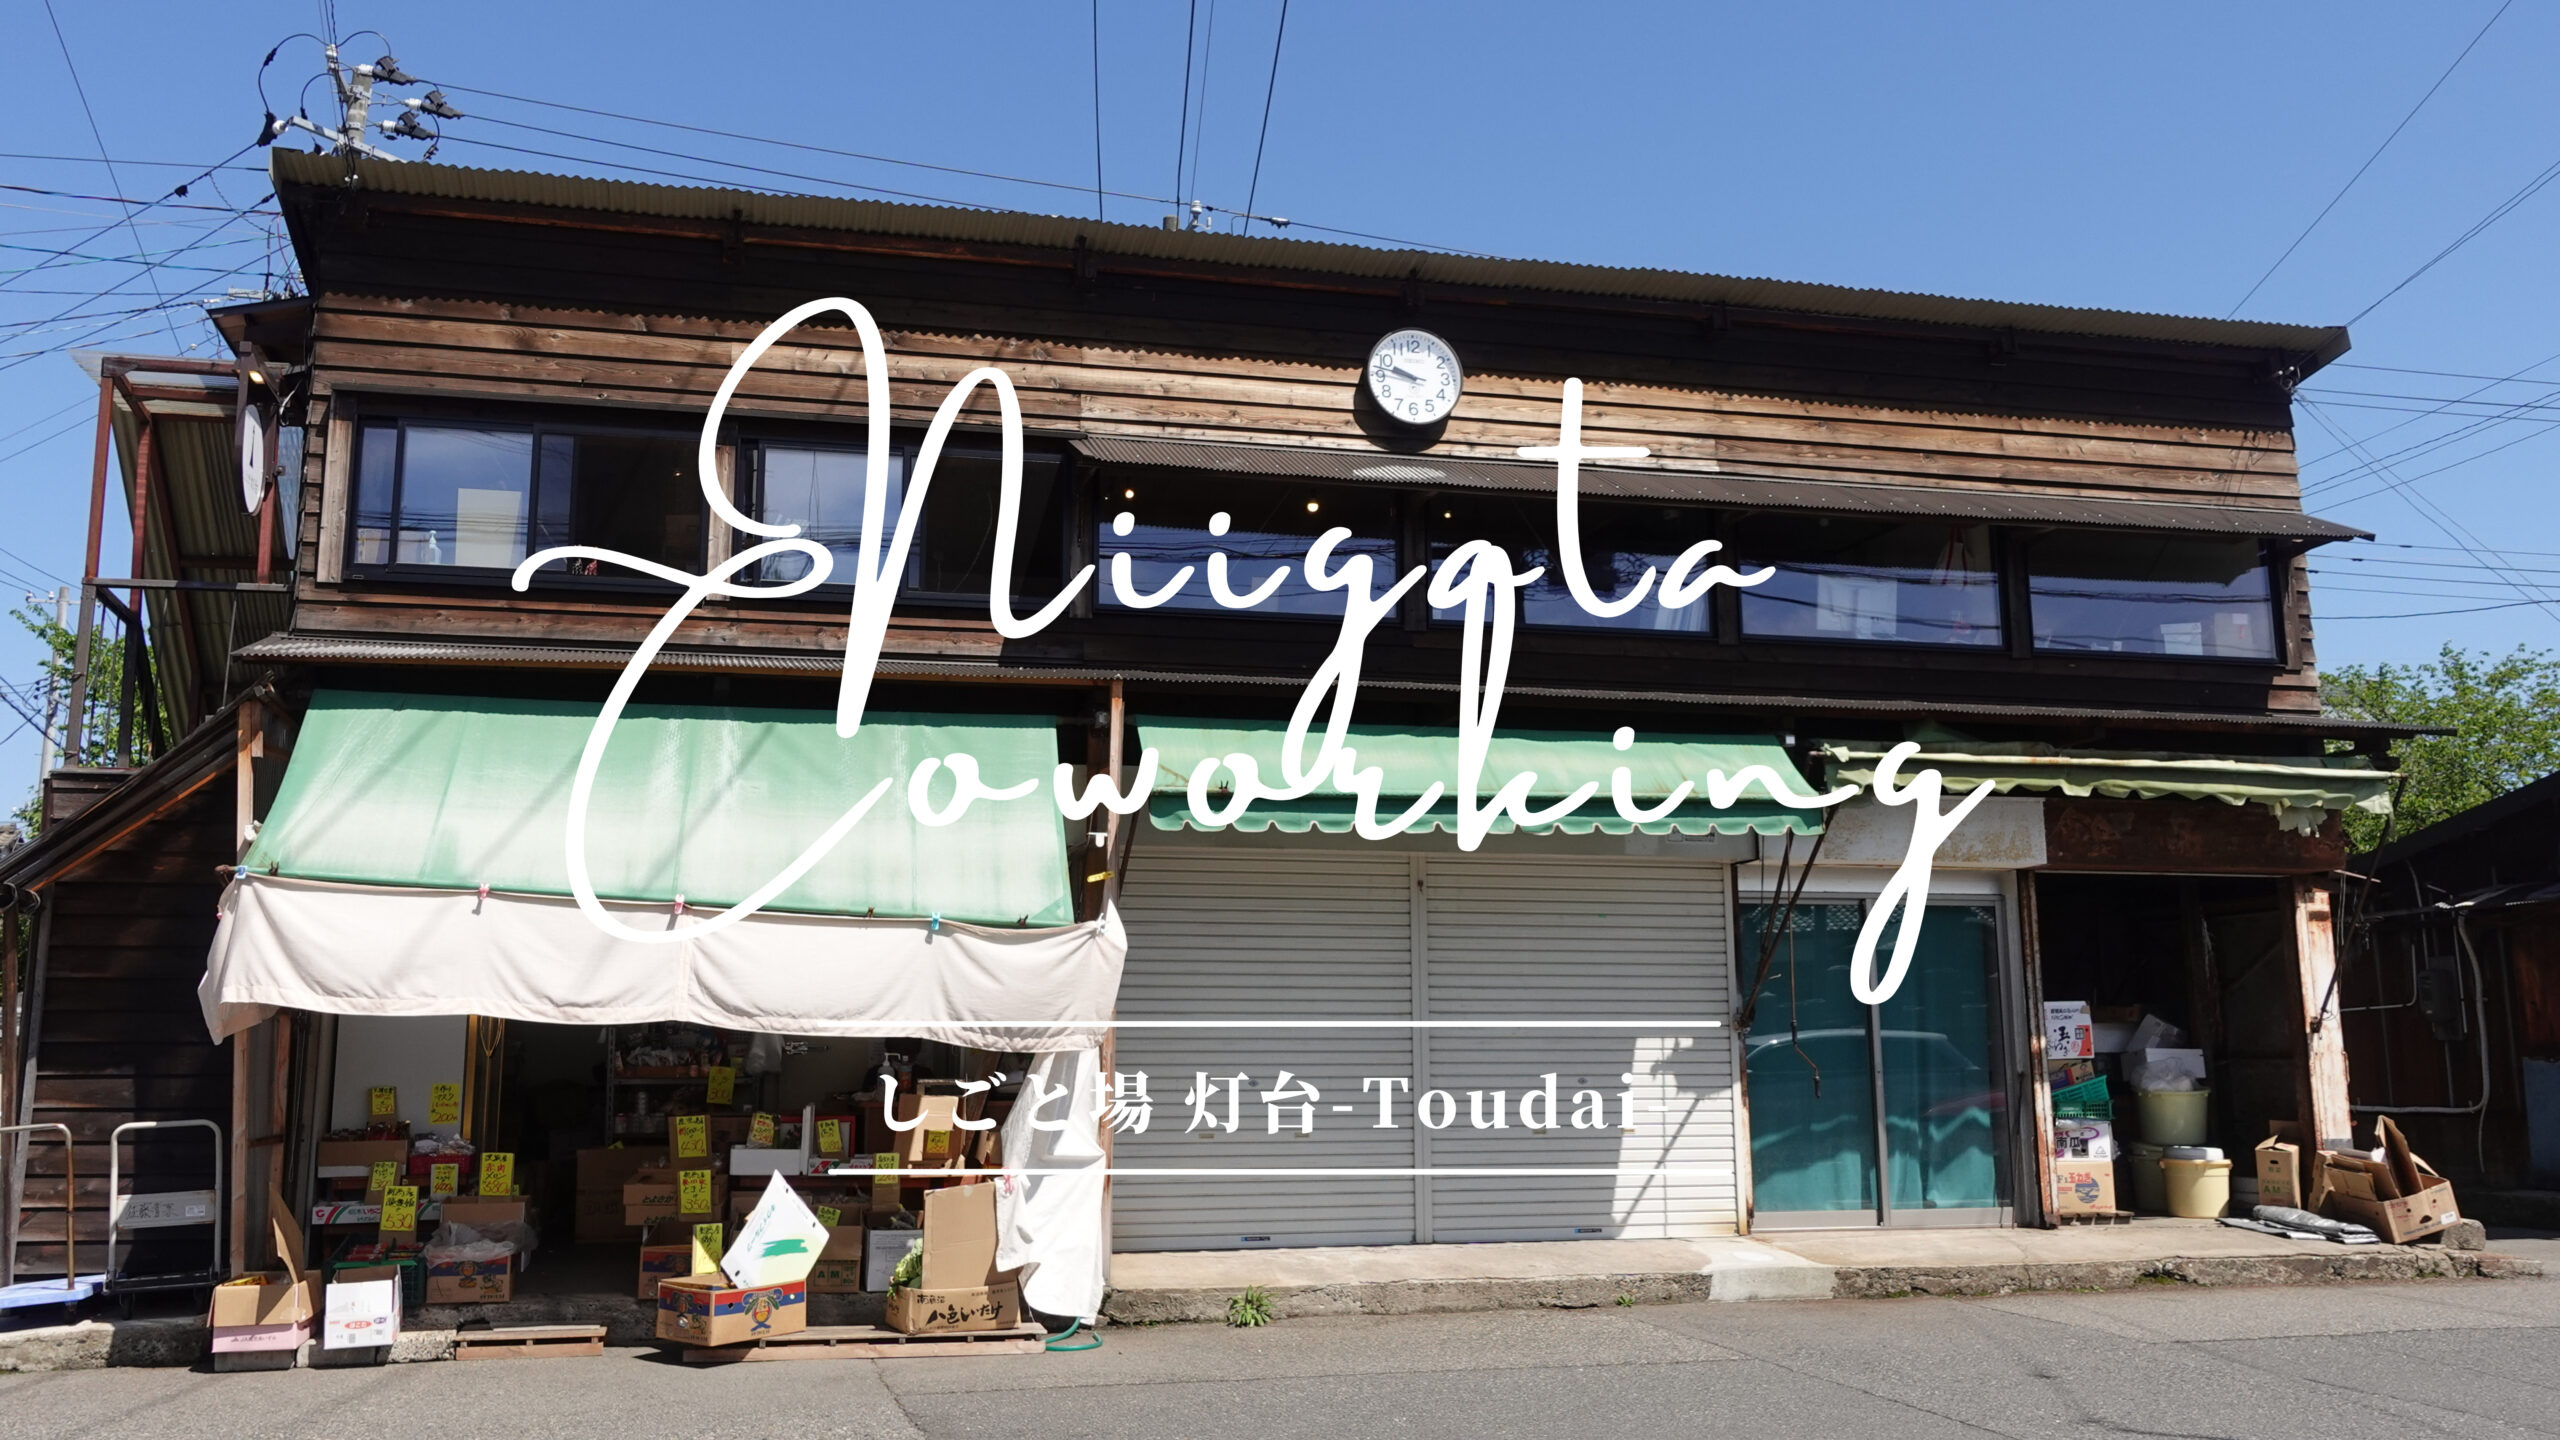 沼垂にある「しごと場灯台-Toudai-」さんを1日貸し切って仕事してみた【新潟市内コワーキングスペース】